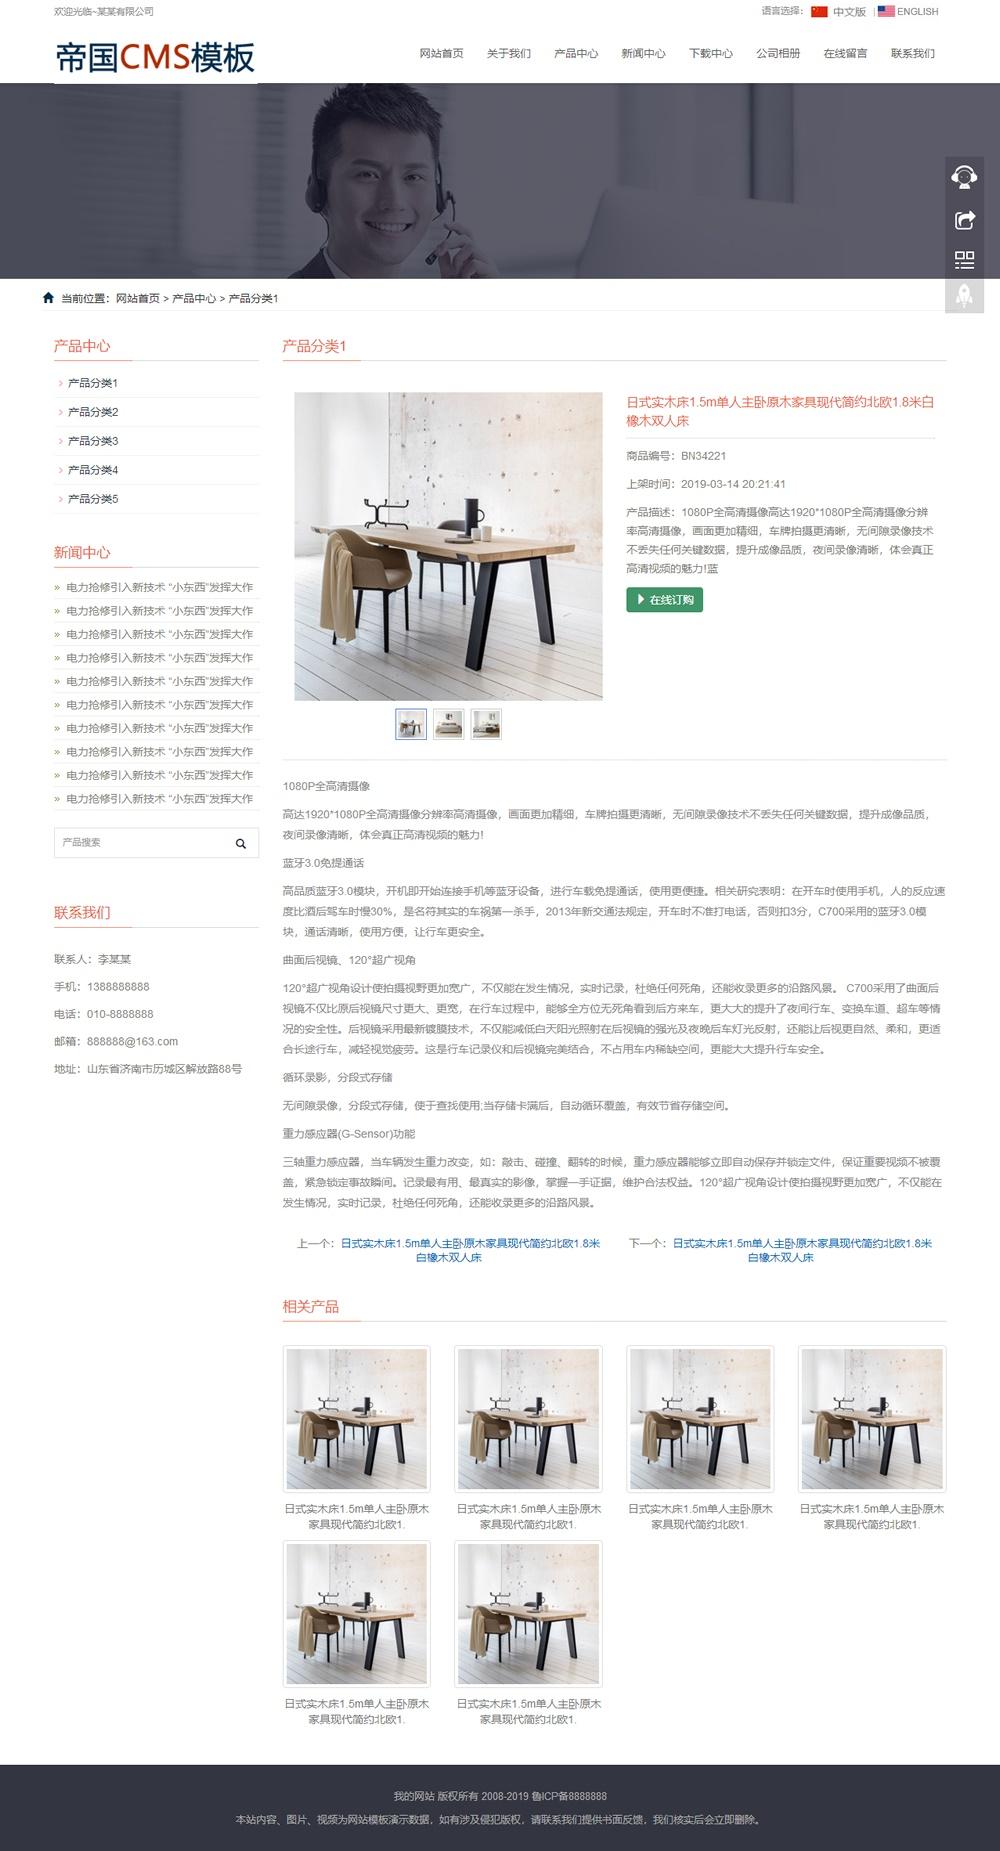 中英文双语自适应帝国cms企业网站模板外贸企业网站源码_产品内容页